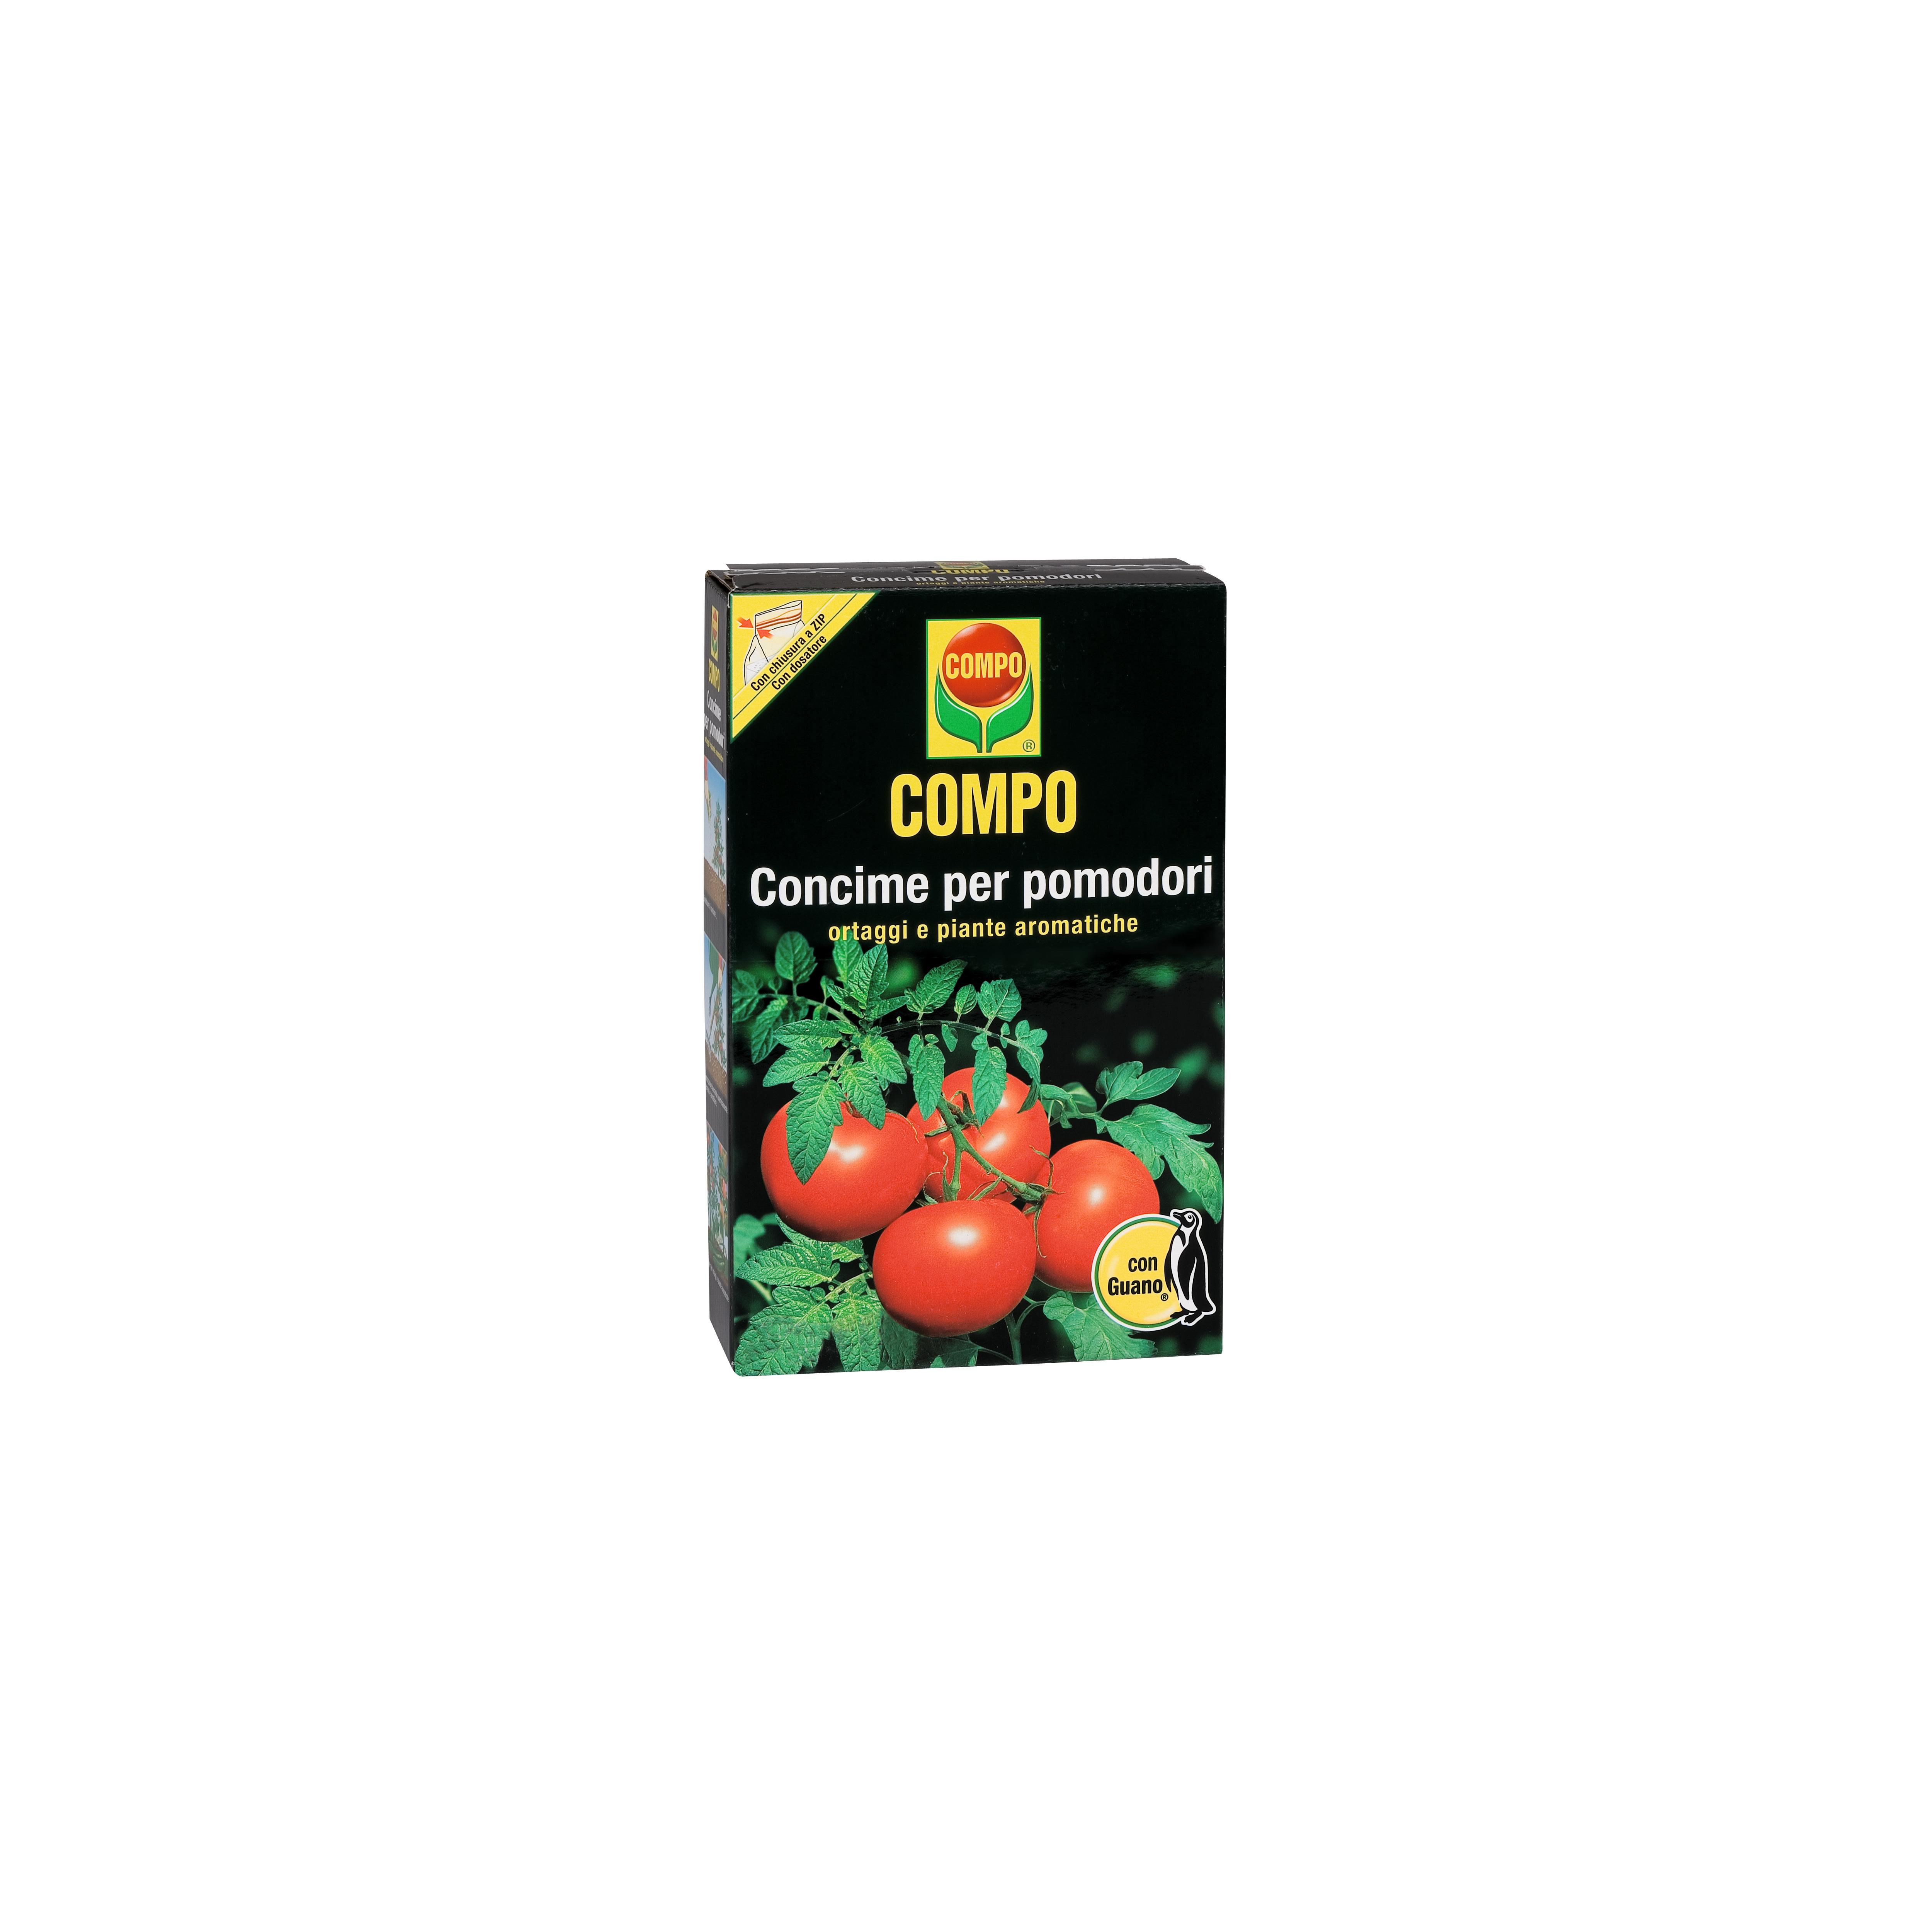 Crescita ortaggi archivi linea verde for Concime per pomodori